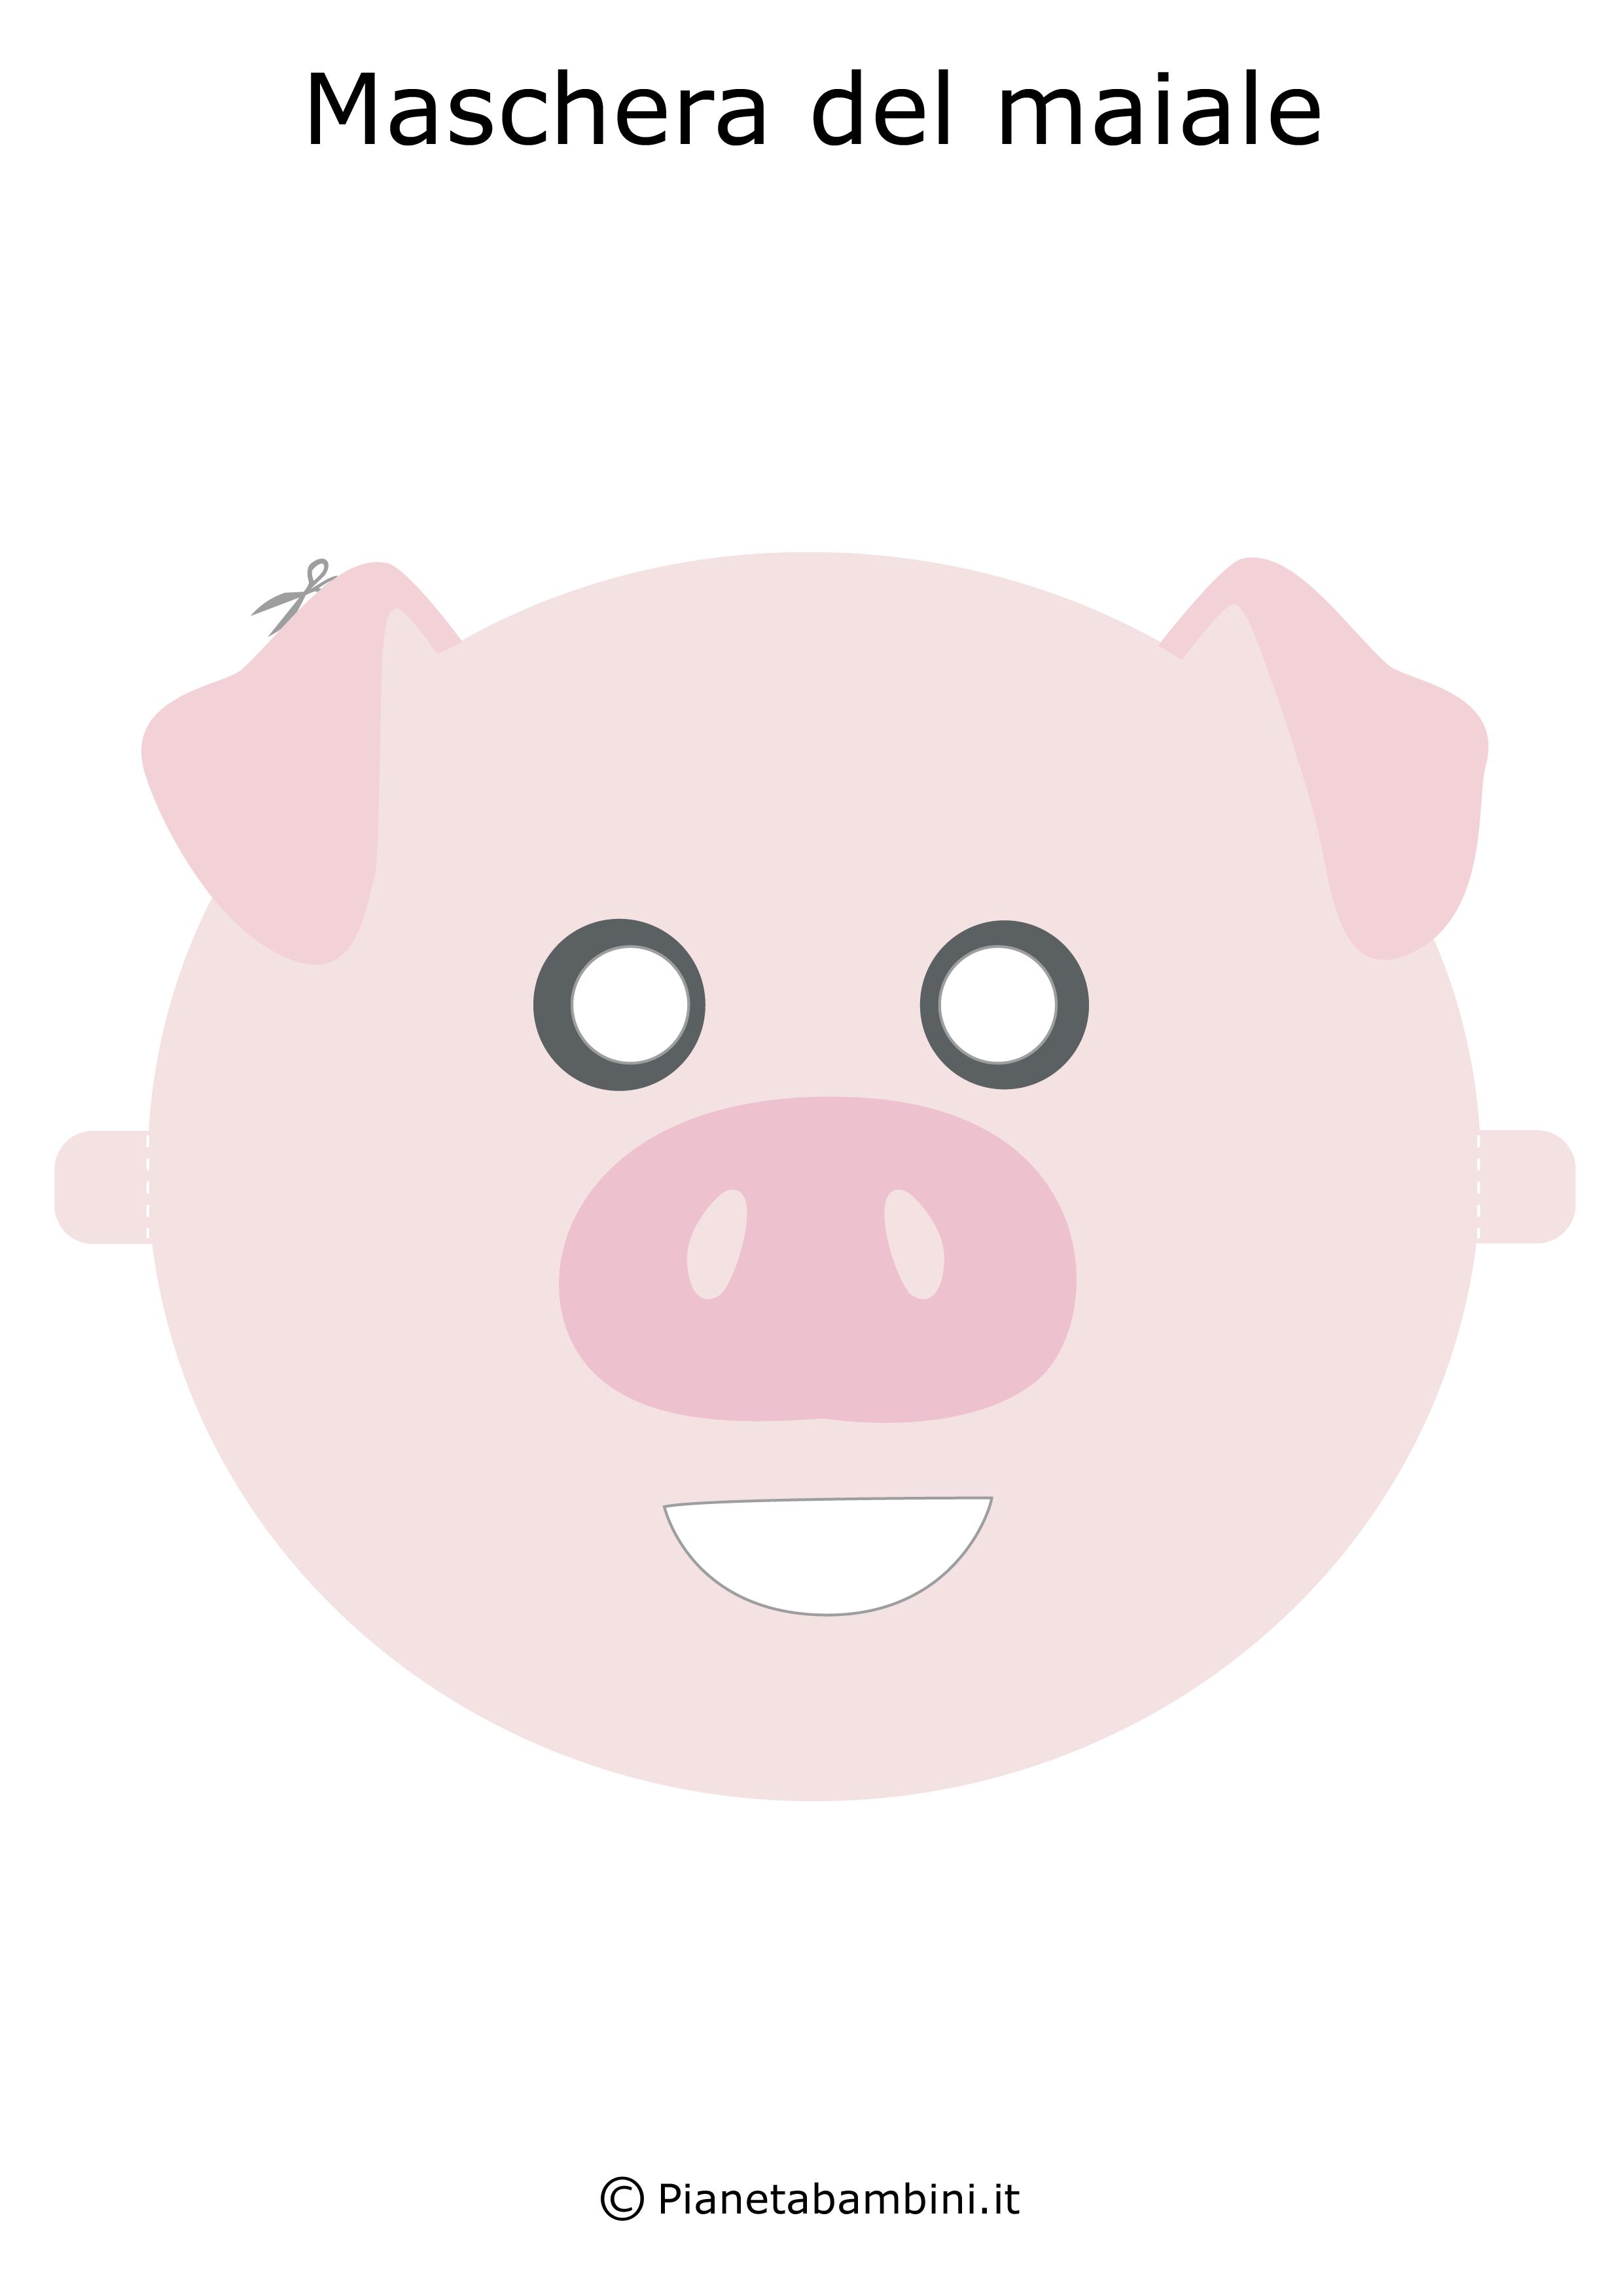 Immagine della maschera del maiale